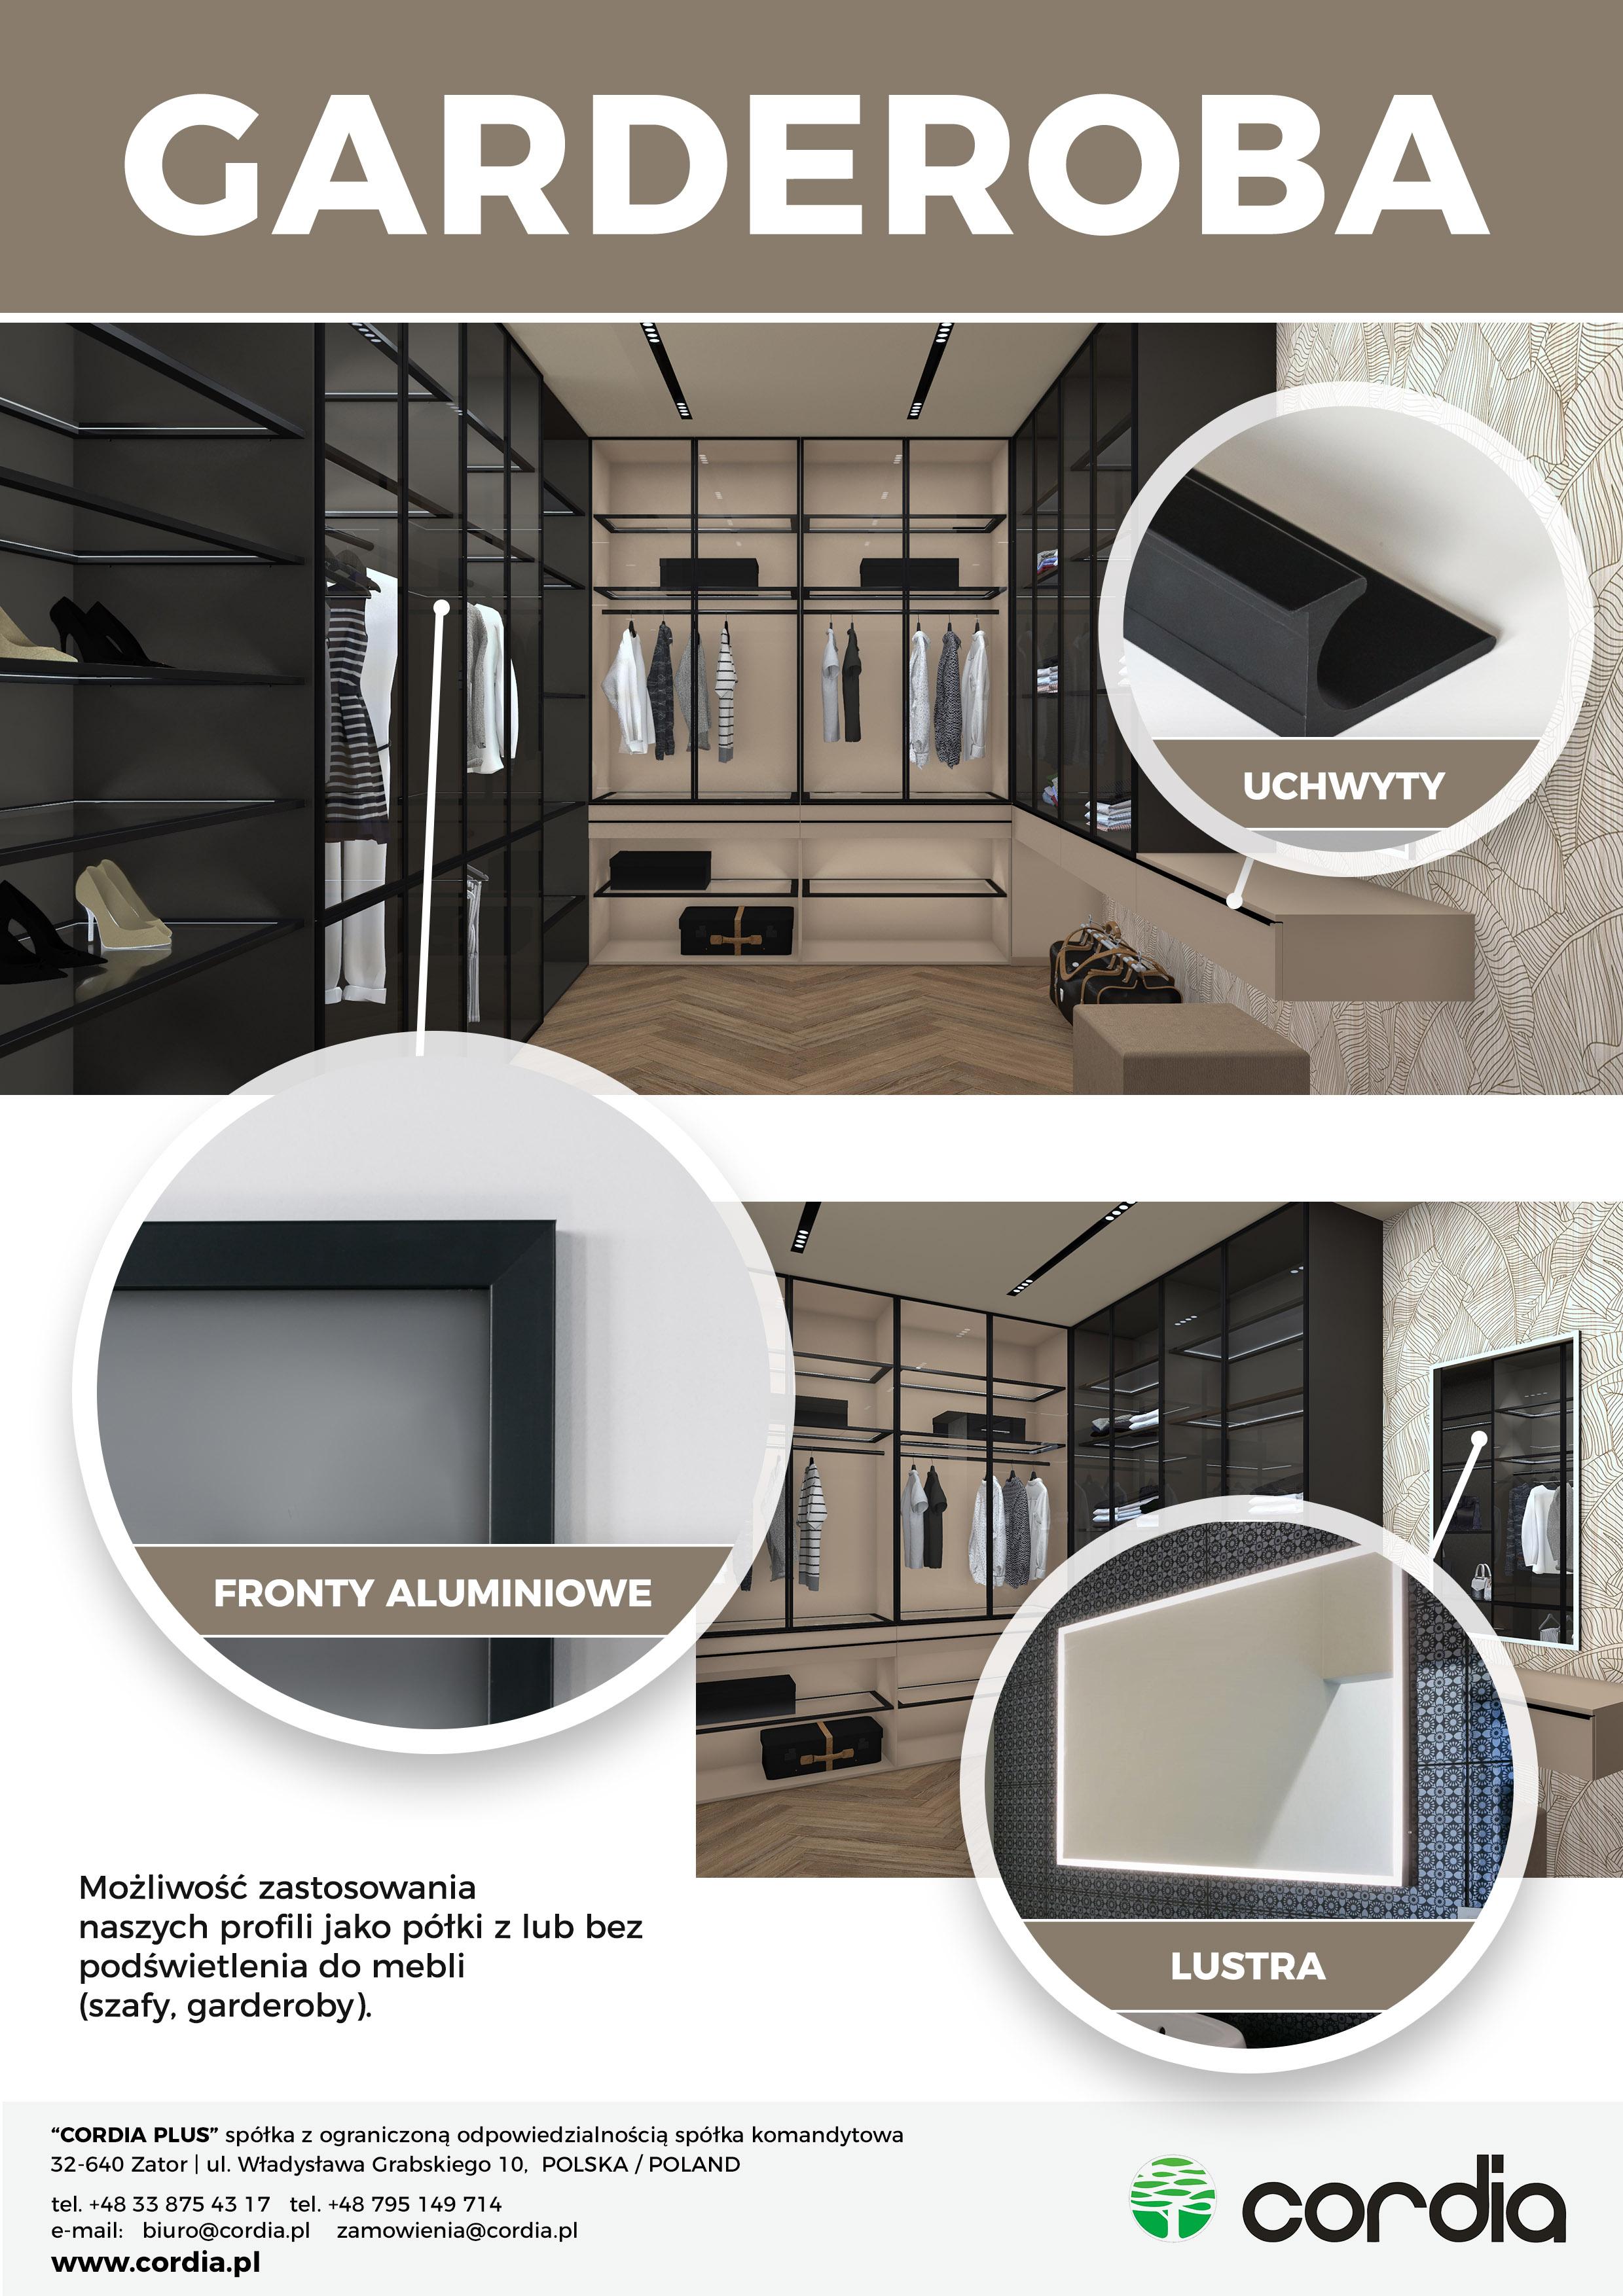 Garderoba Którą Możesz Zaprojektować Sobie Sam Cordia